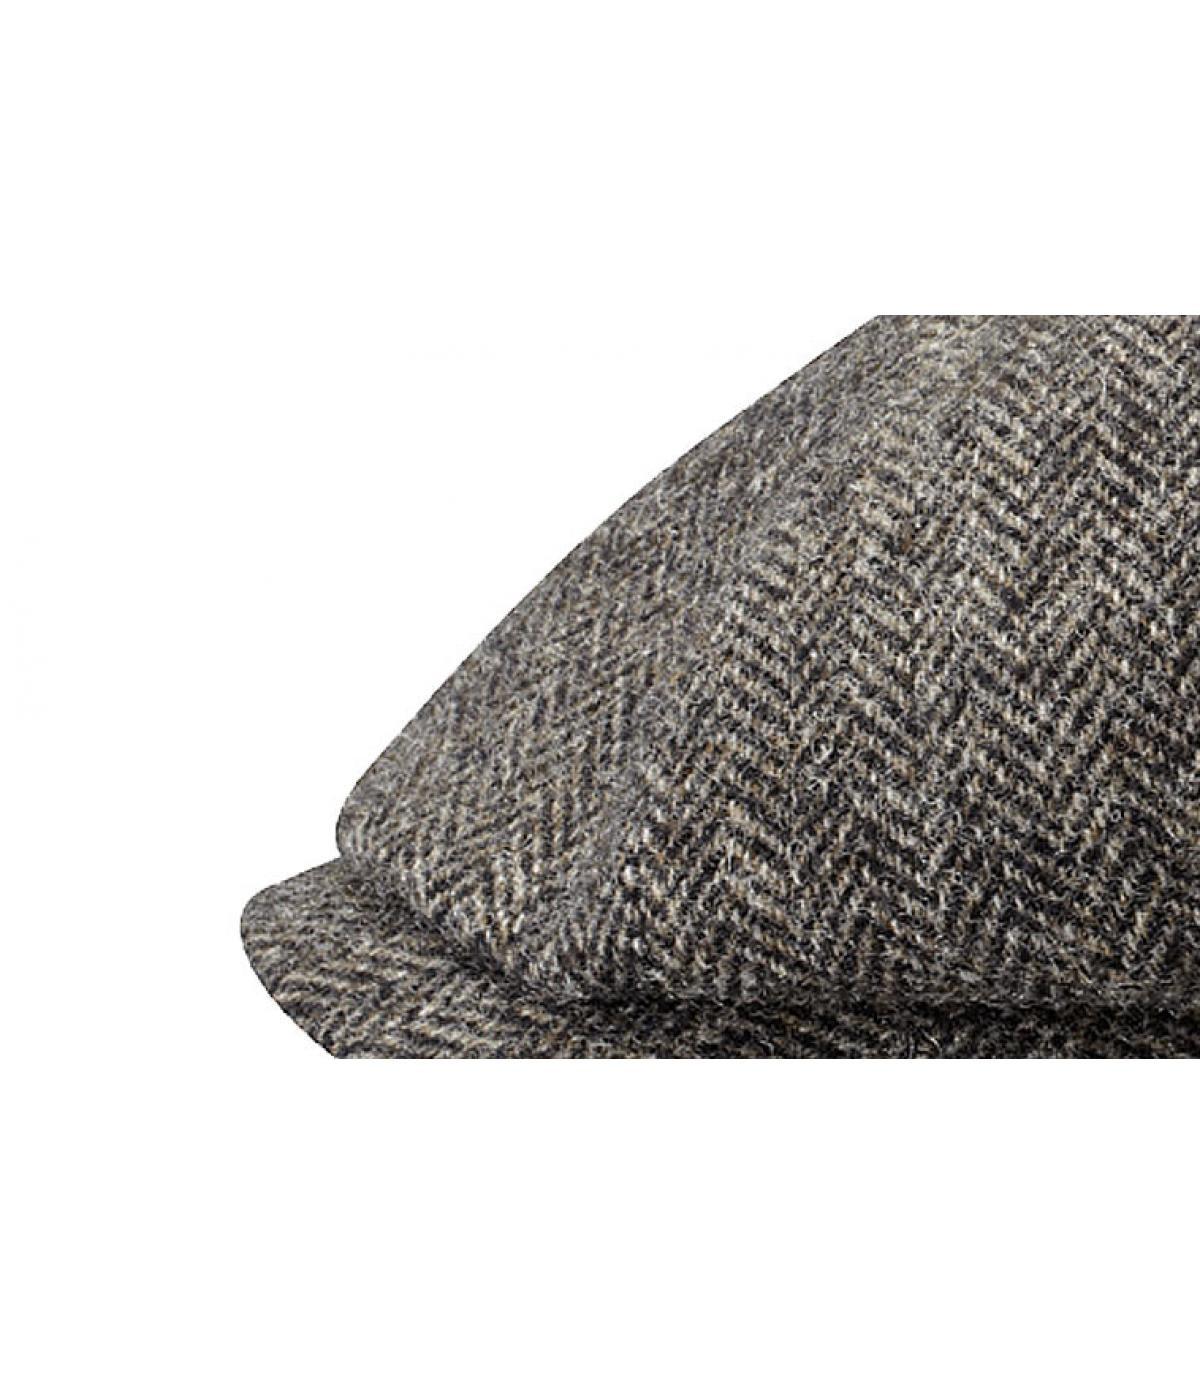 ff2c779a Woolrich hatteras stetson - Hatteras woolrich dark grey by Stetson.